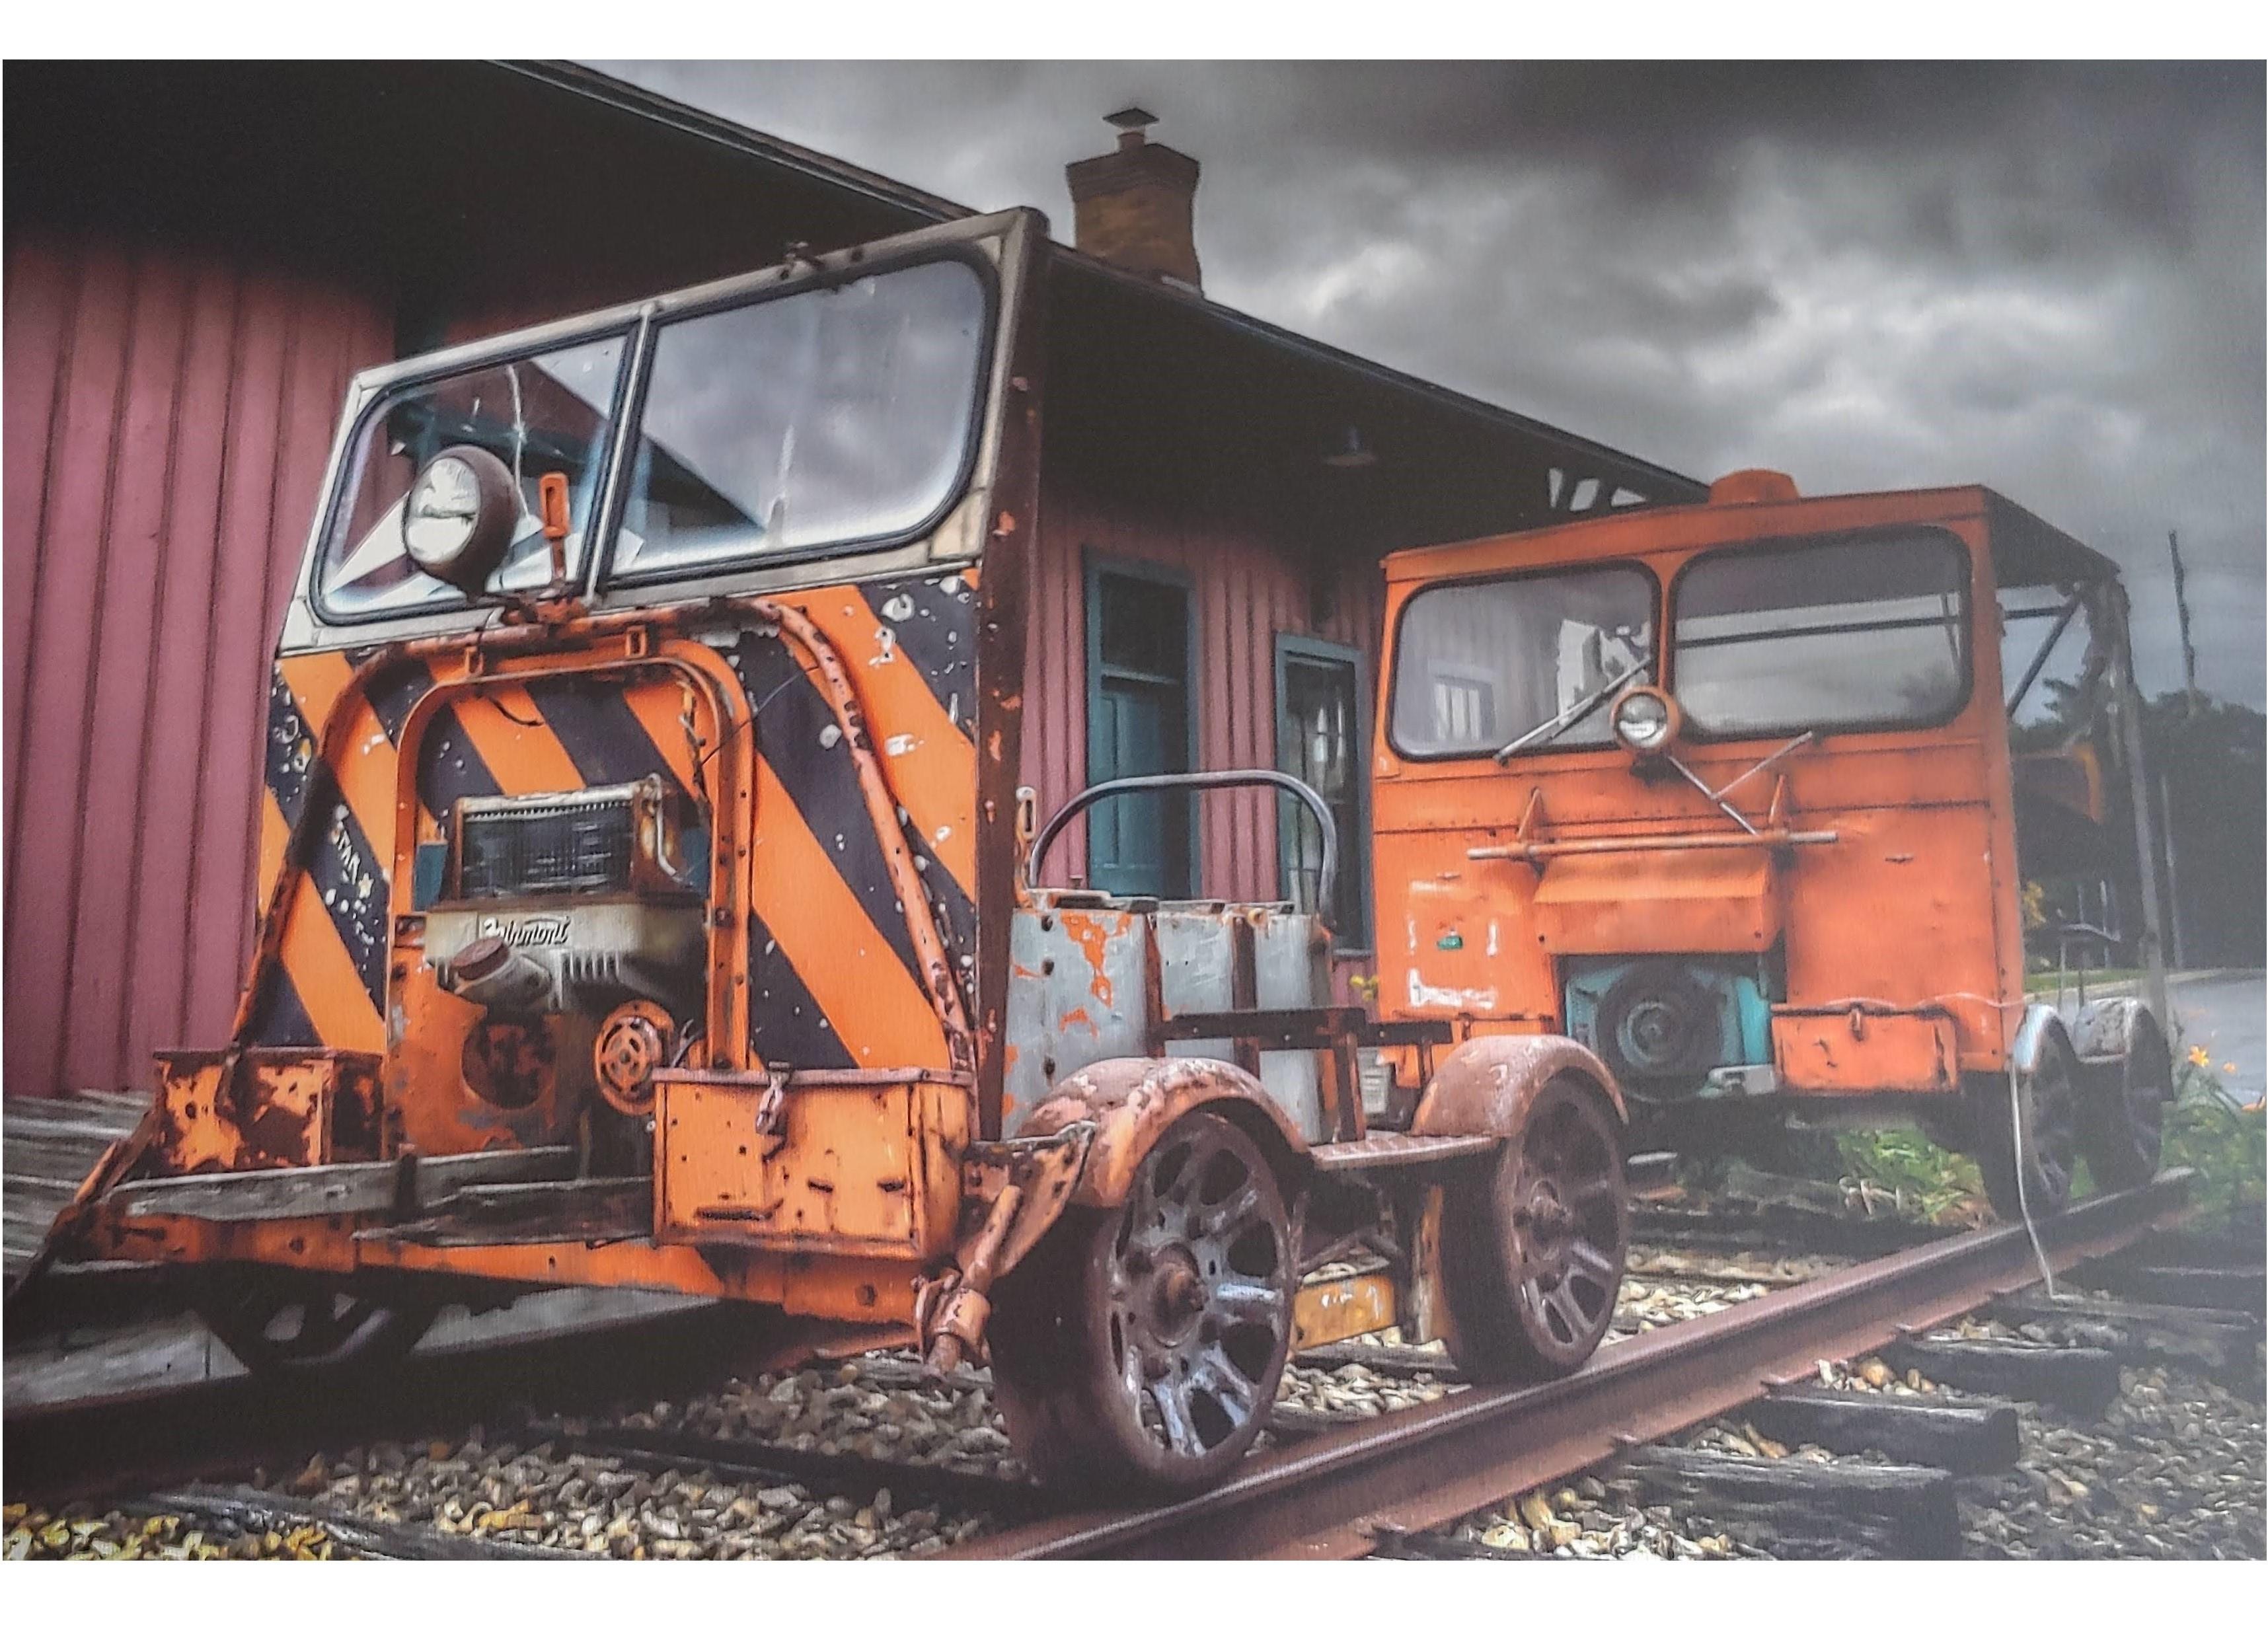 Railroad track vehicle display at MLSP